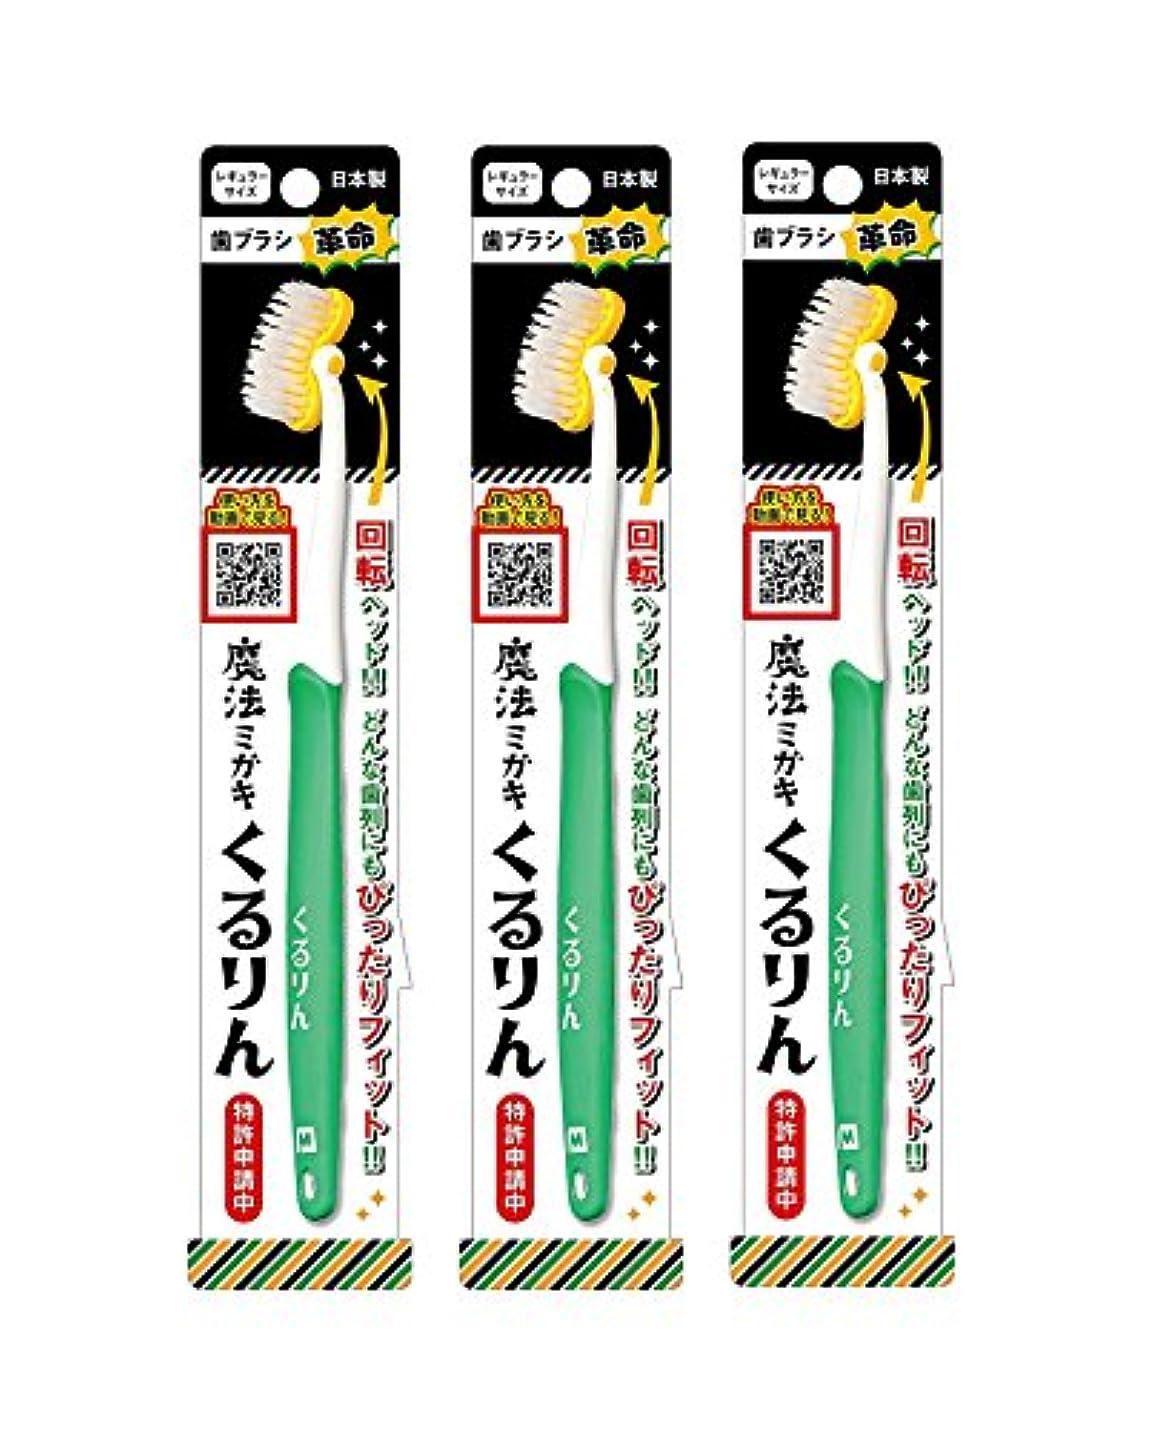 お嬢シニス子豚歯ブラシ革命 魔法ミガキくるりん MM-151 グリーン 3本セット